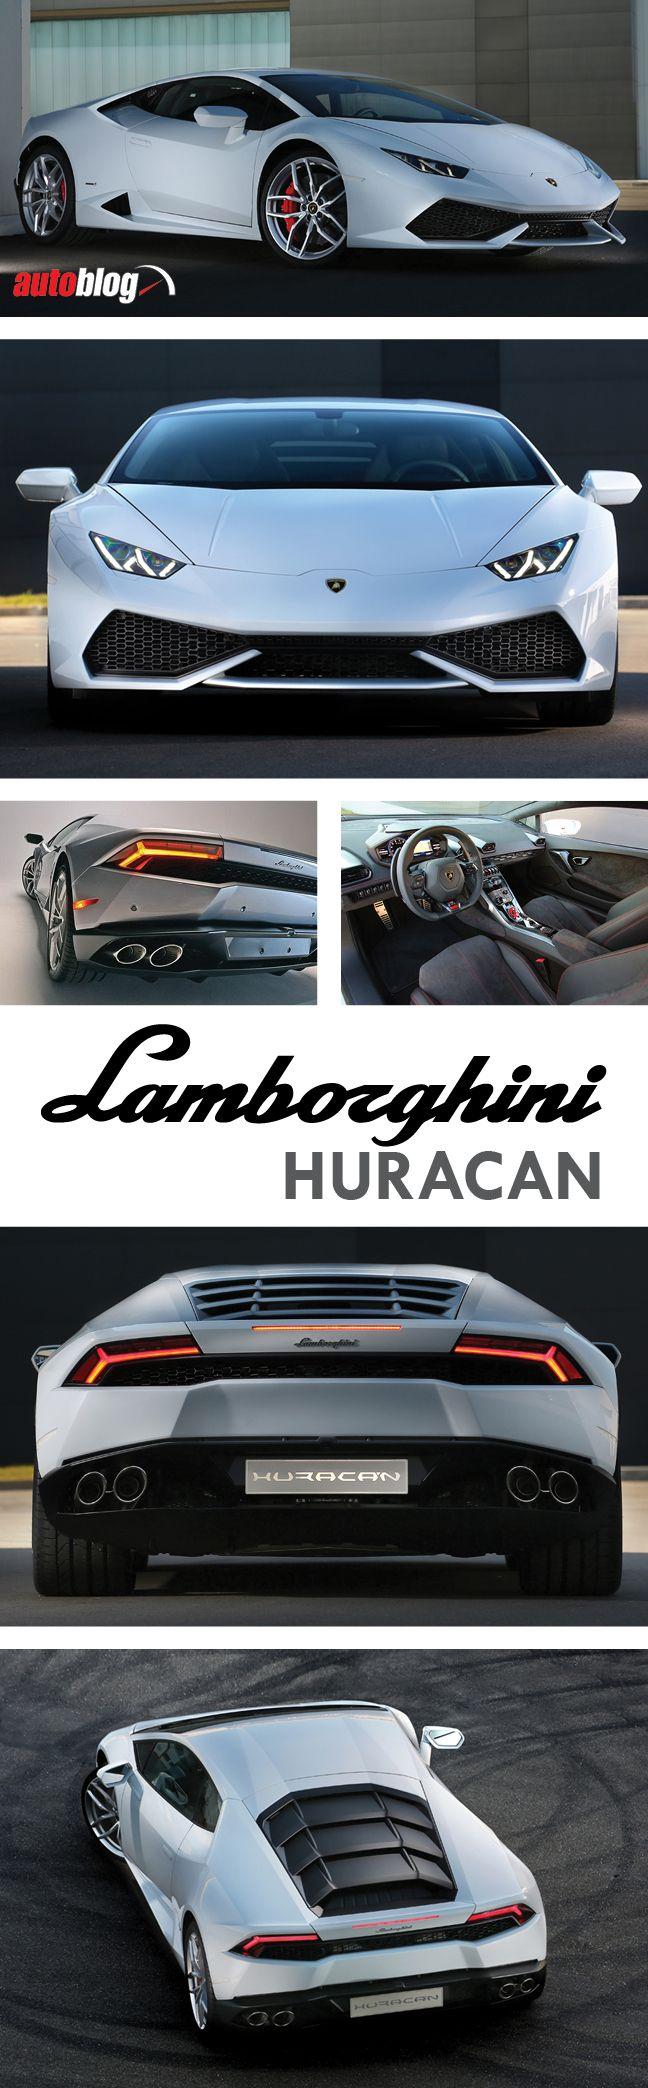 """2015 Lamborghini Huracán LP 610-4: Lamborghini's new """"entry-level"""" supercar, the…"""